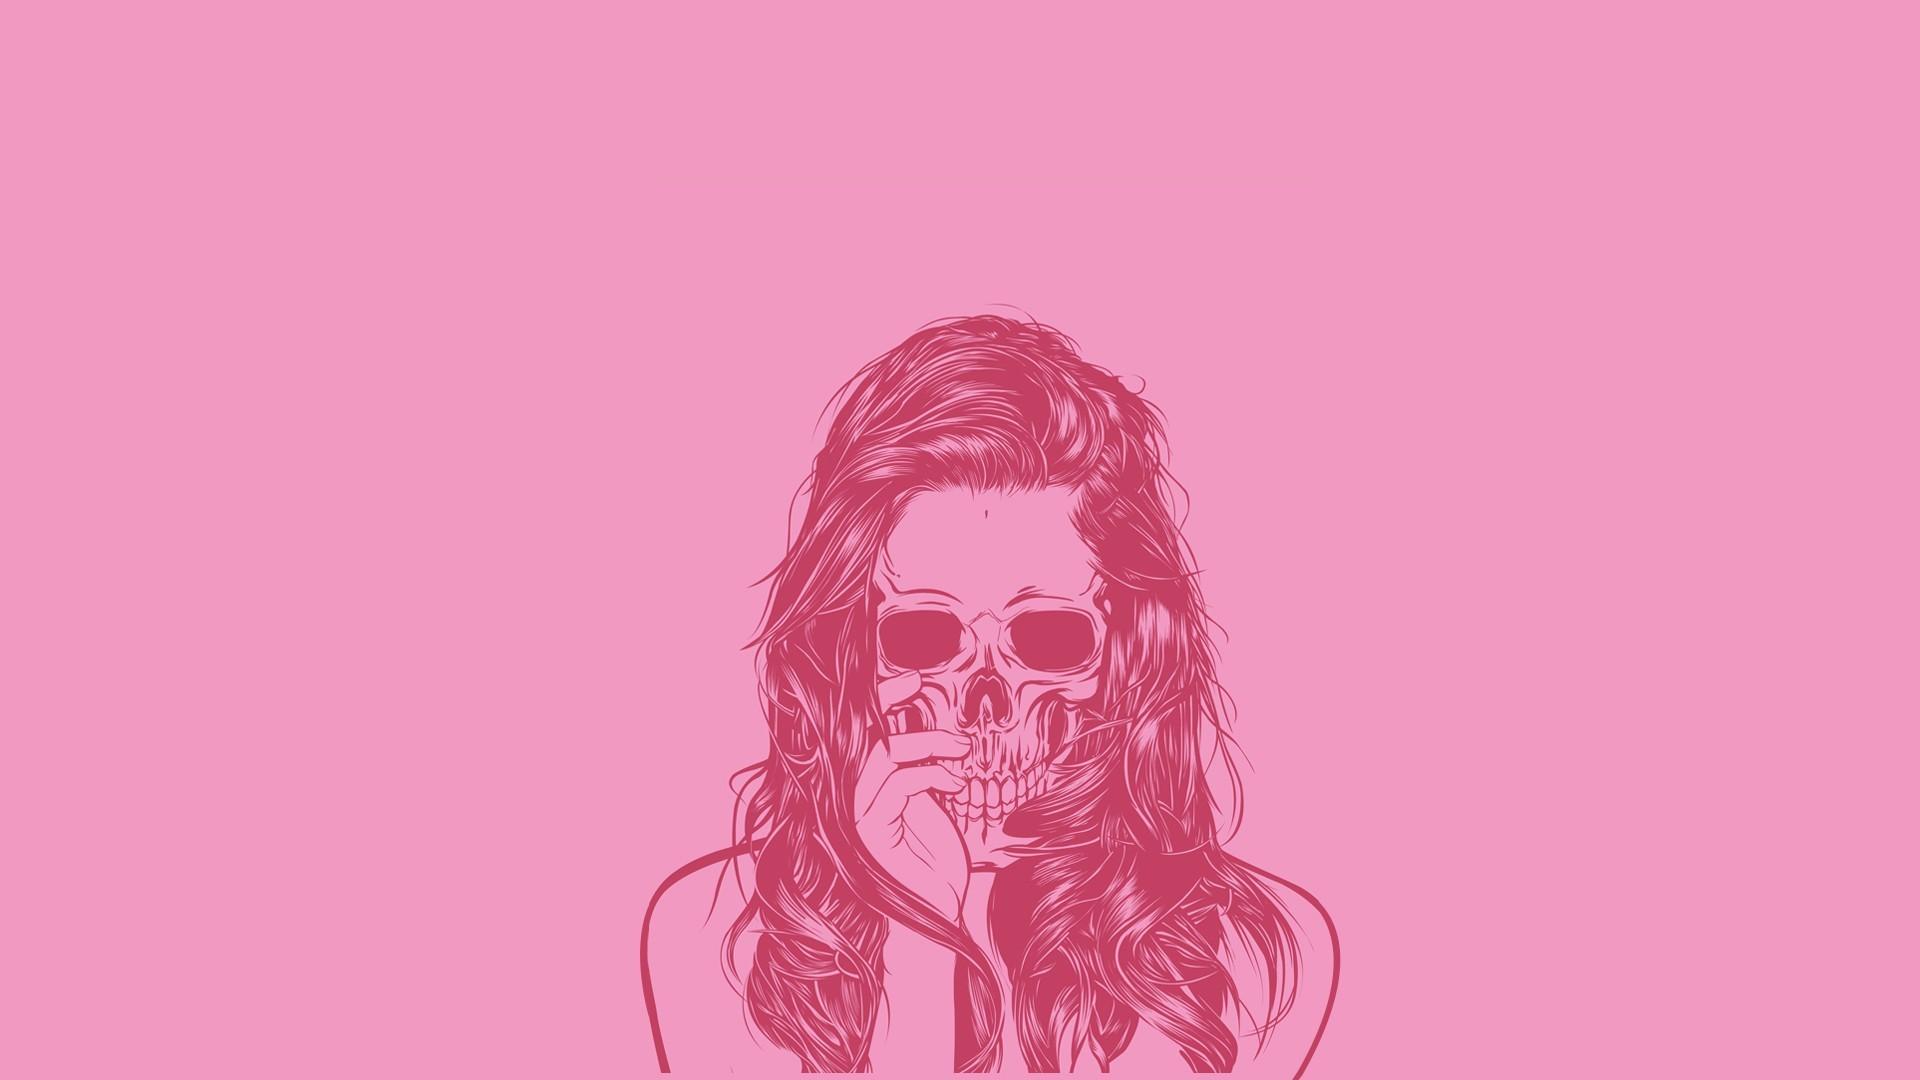 Skull Background for Girls | wallpaper, wallpaper hd, background .